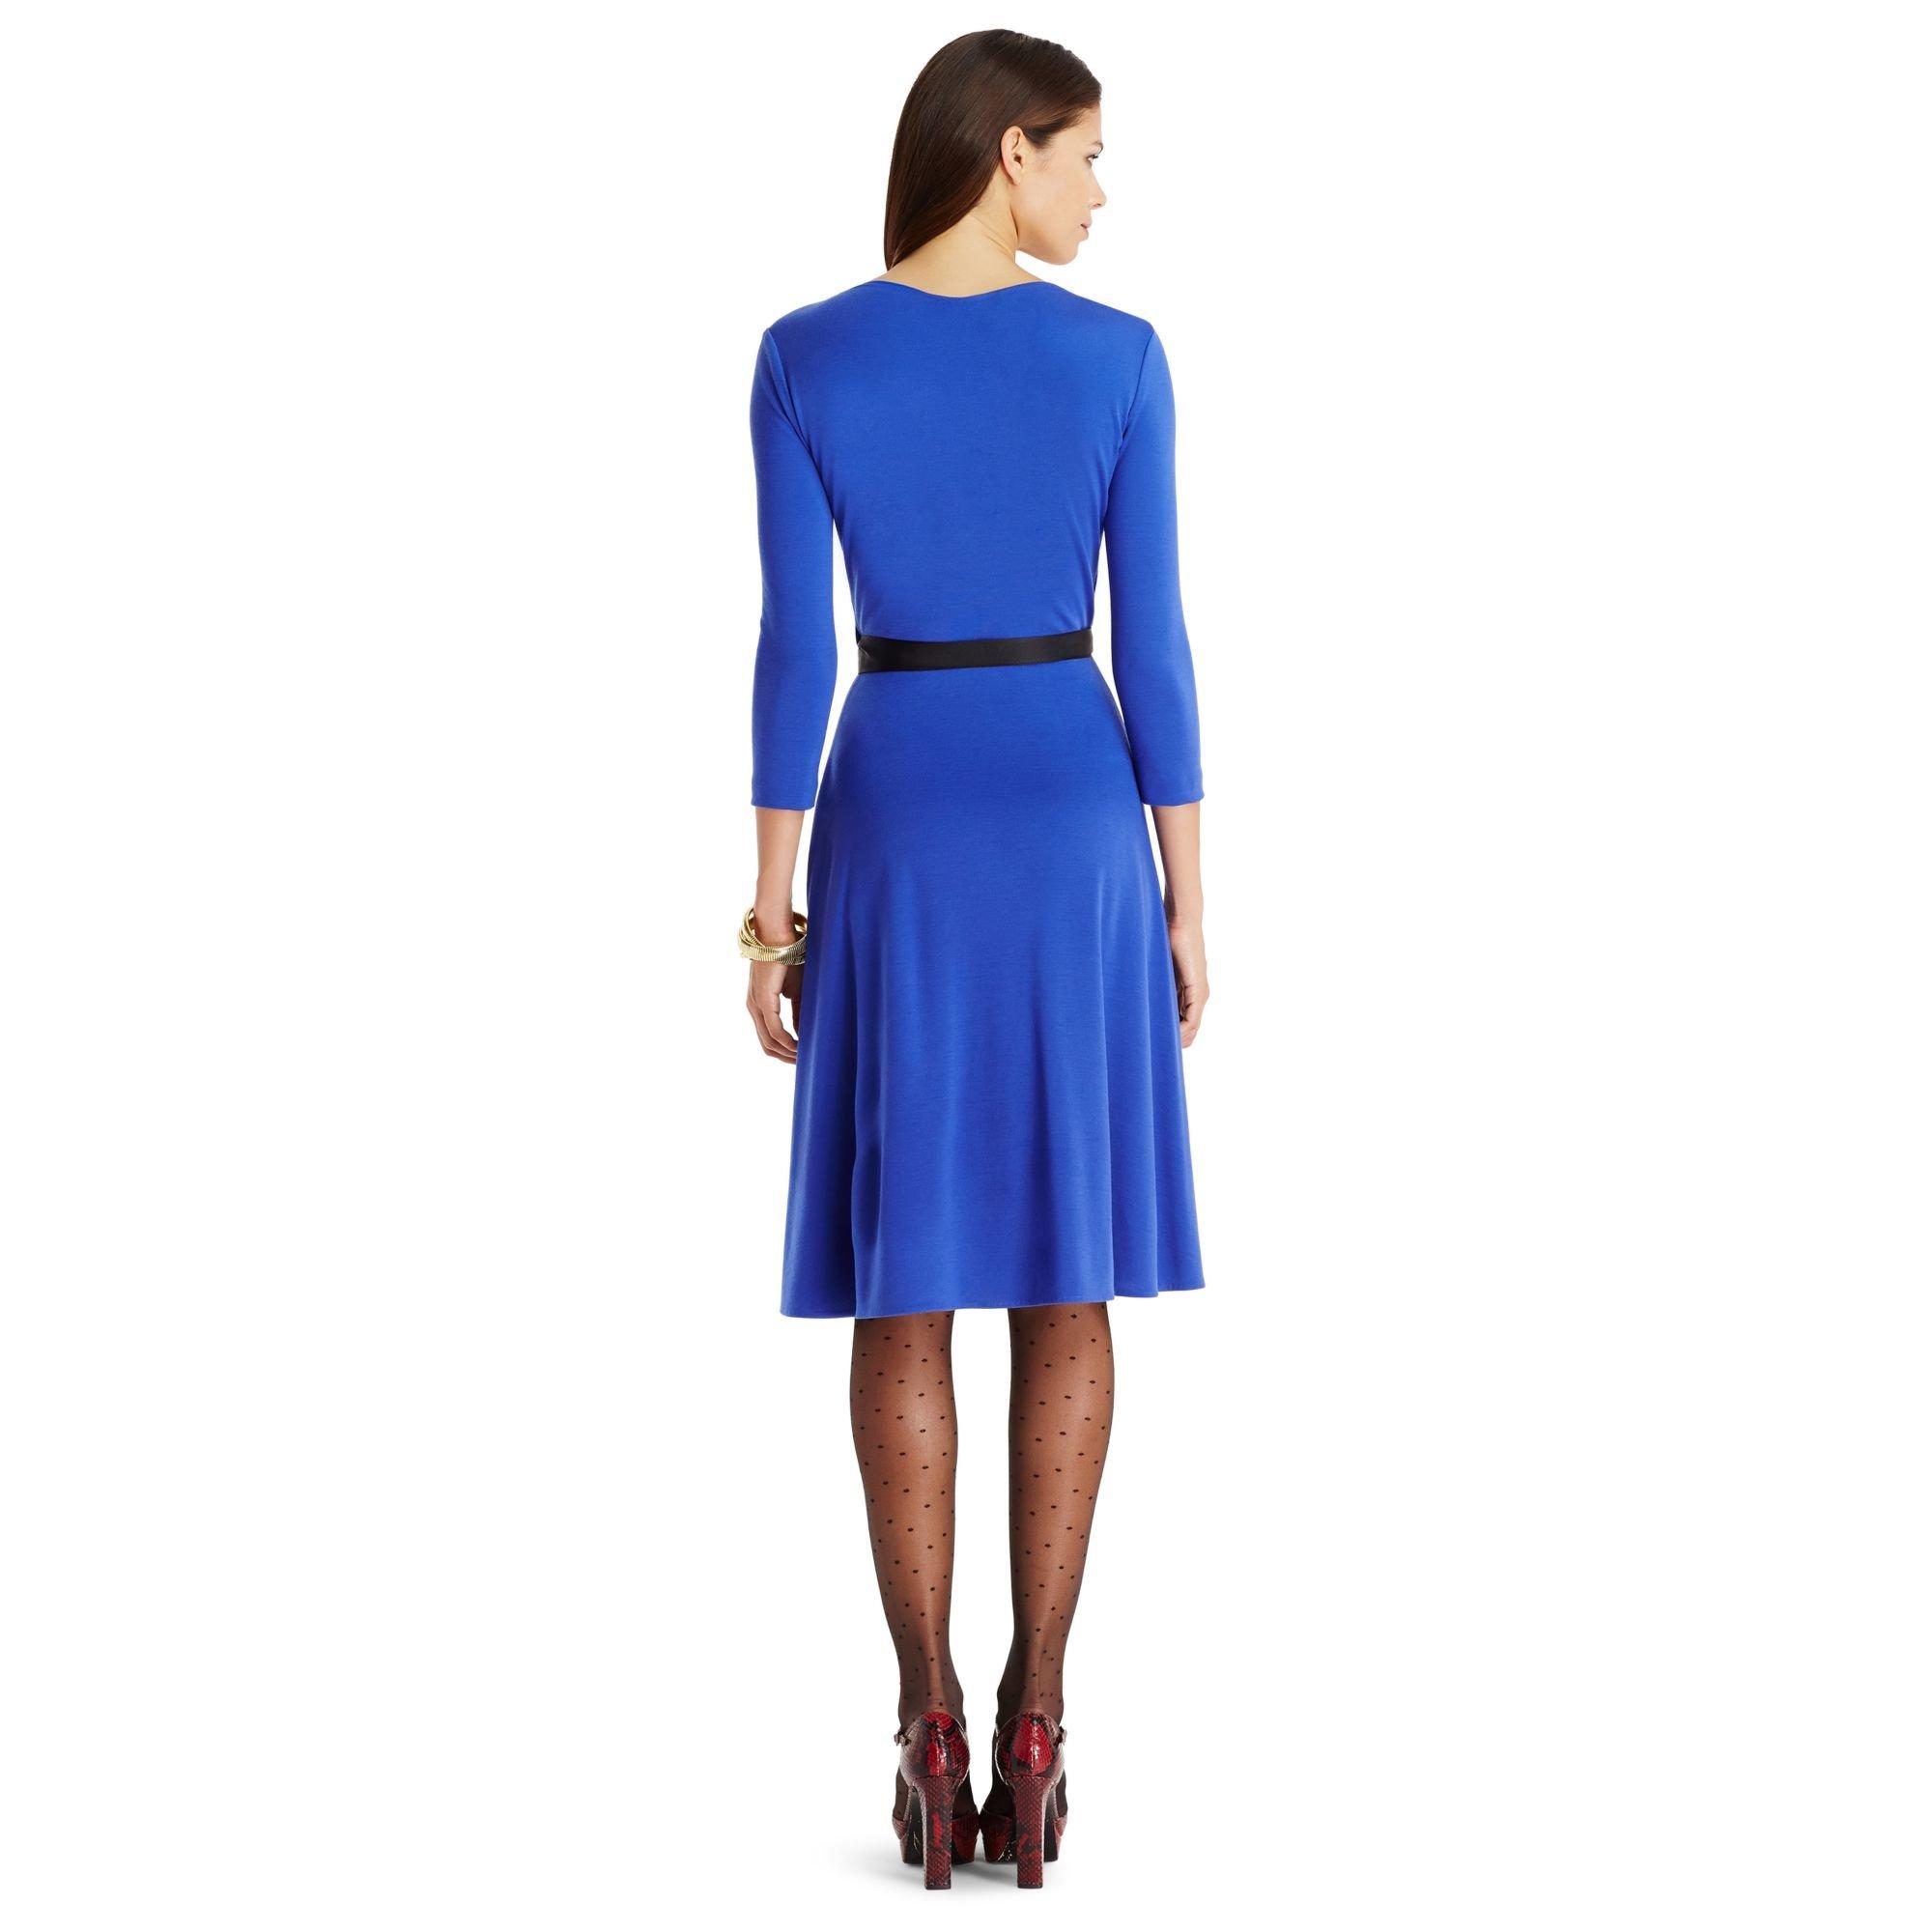 8559899afeb2 Diane von Furstenberg Dvf Seduction Wool Wrap Dress in Blue - Lyst